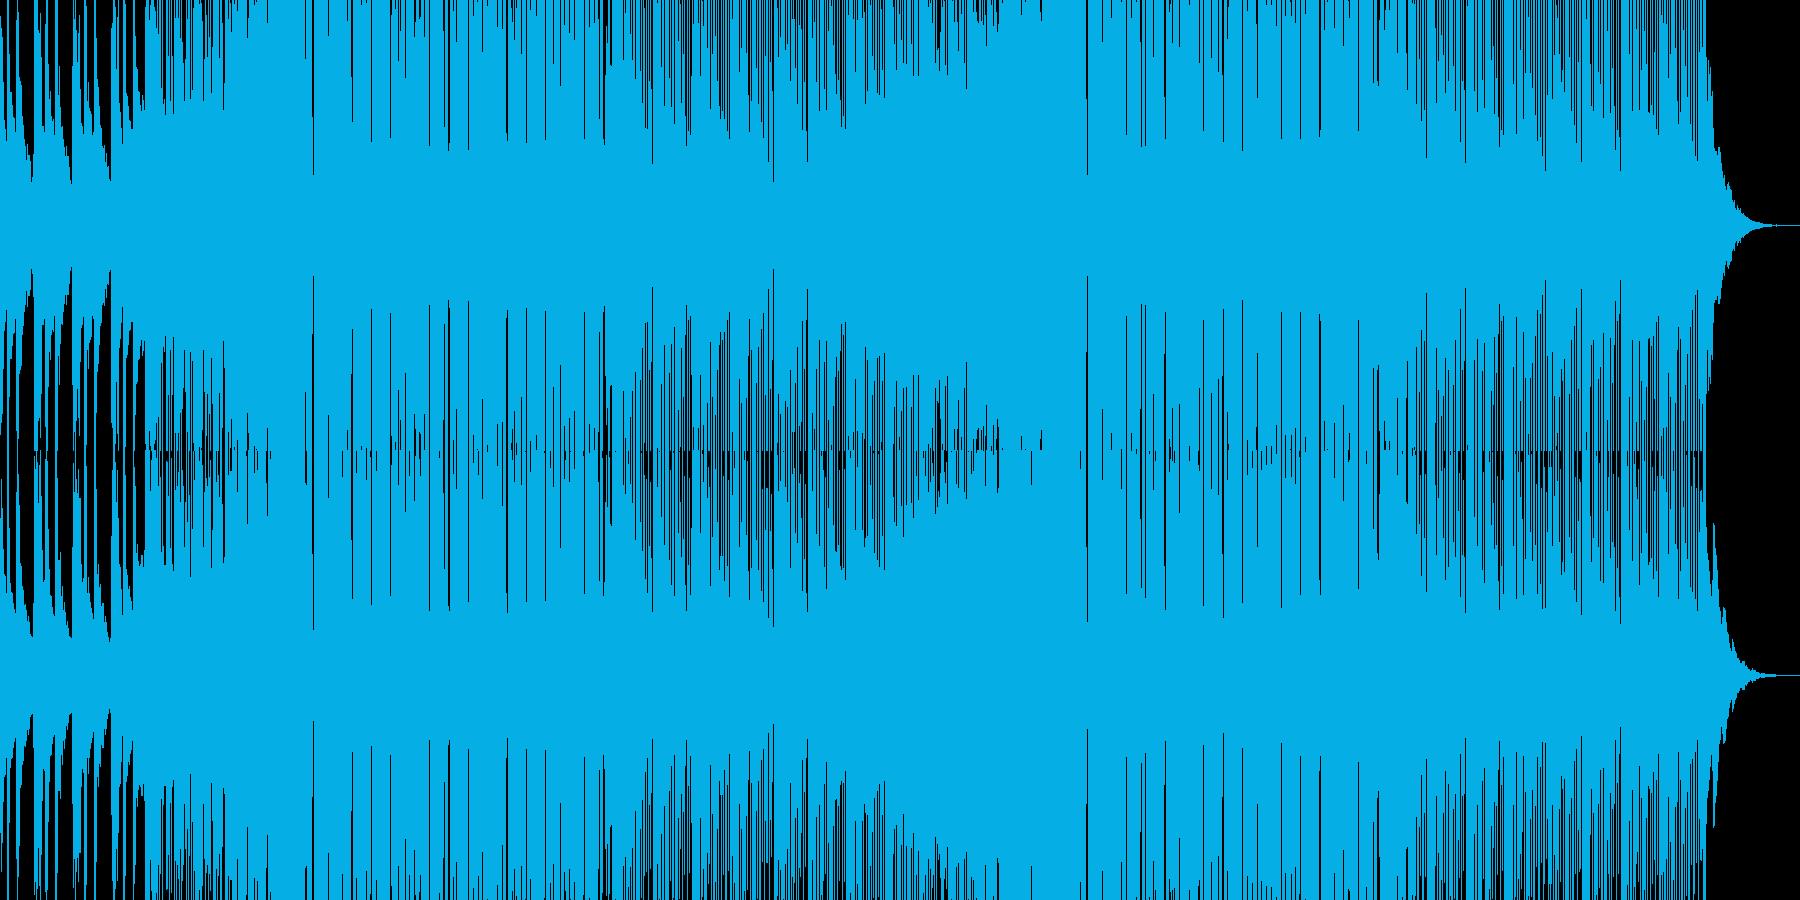 シンセ音が特徴的なハウスミュージックの再生済みの波形